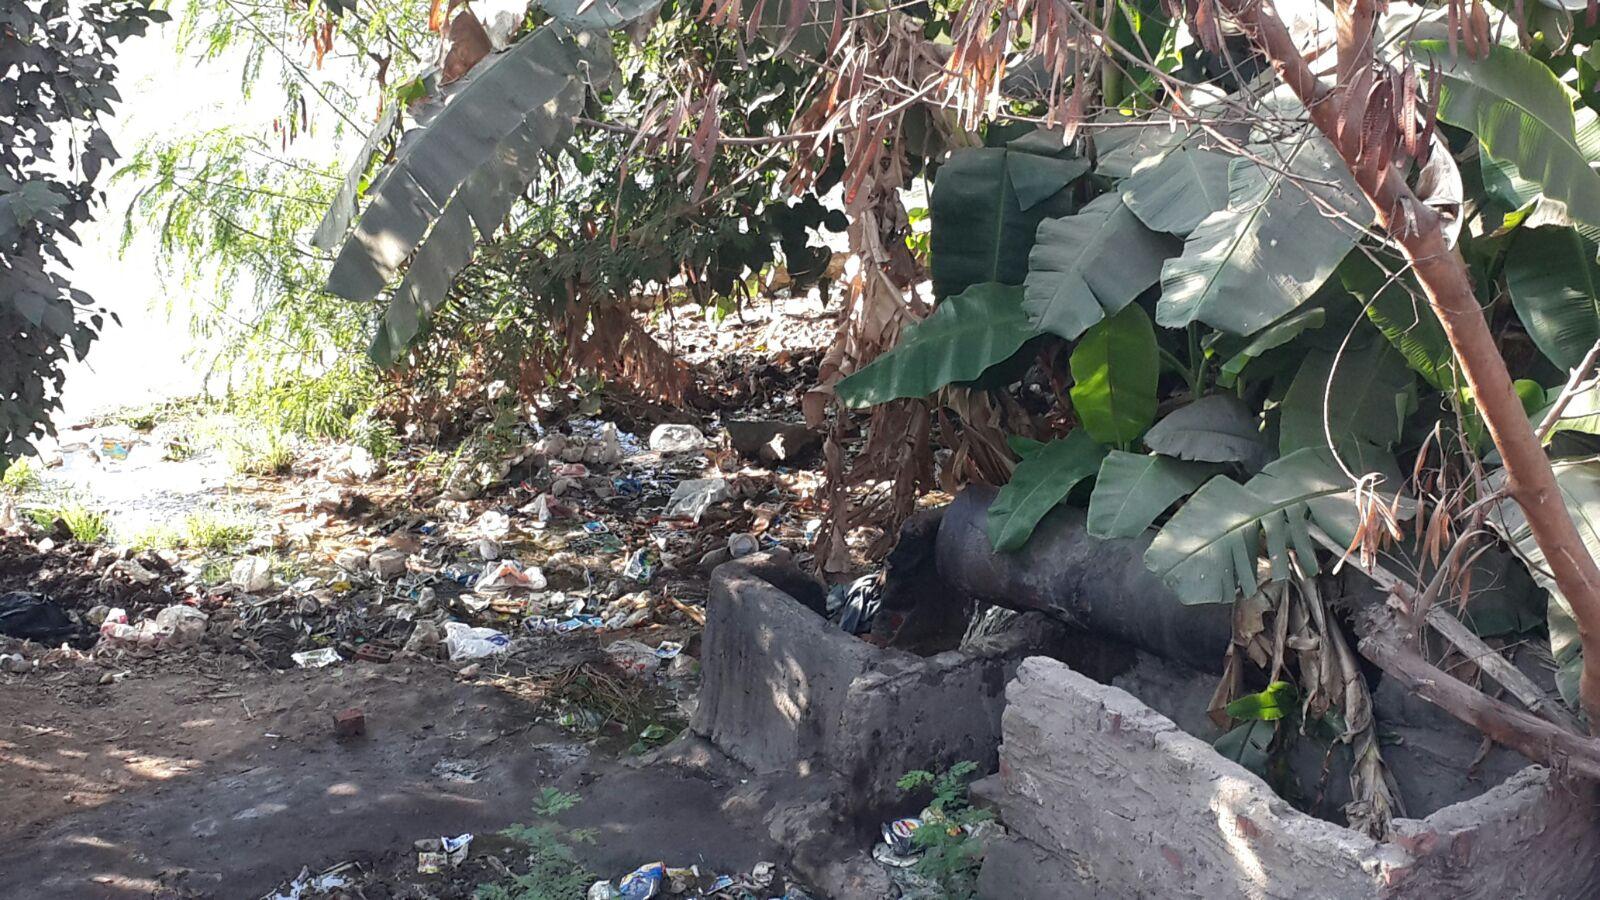 ماسورة صرف على النيل مباشرة قرب سينما فاتن حمامة بالمنيل